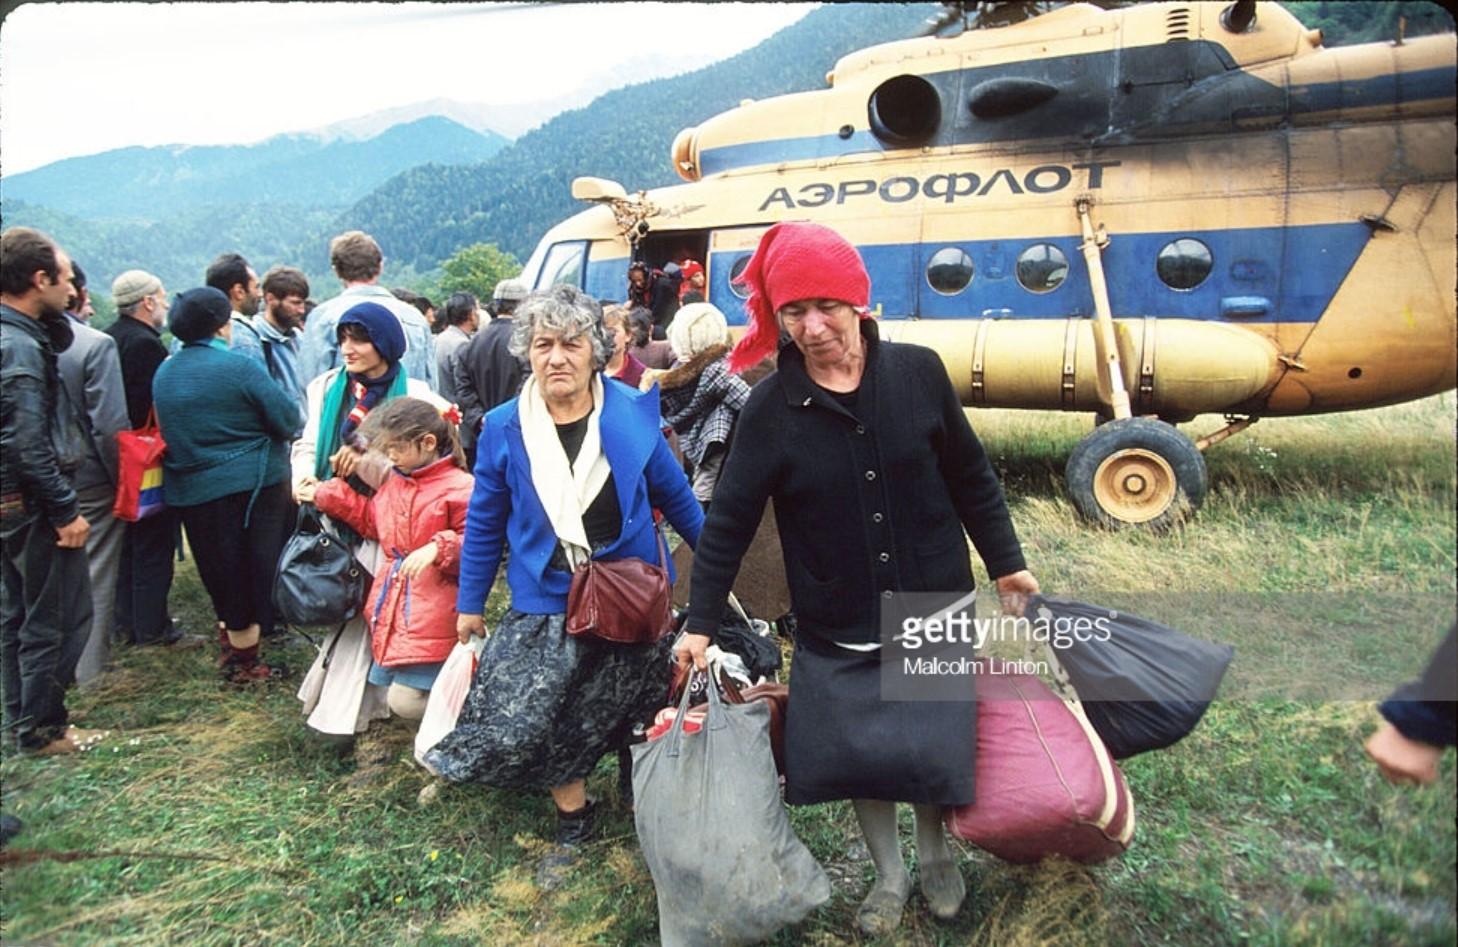 1993. 29 сентября. Окрестности Сухуми.  Беженцы переносят вещи, доставленные им вертолетом